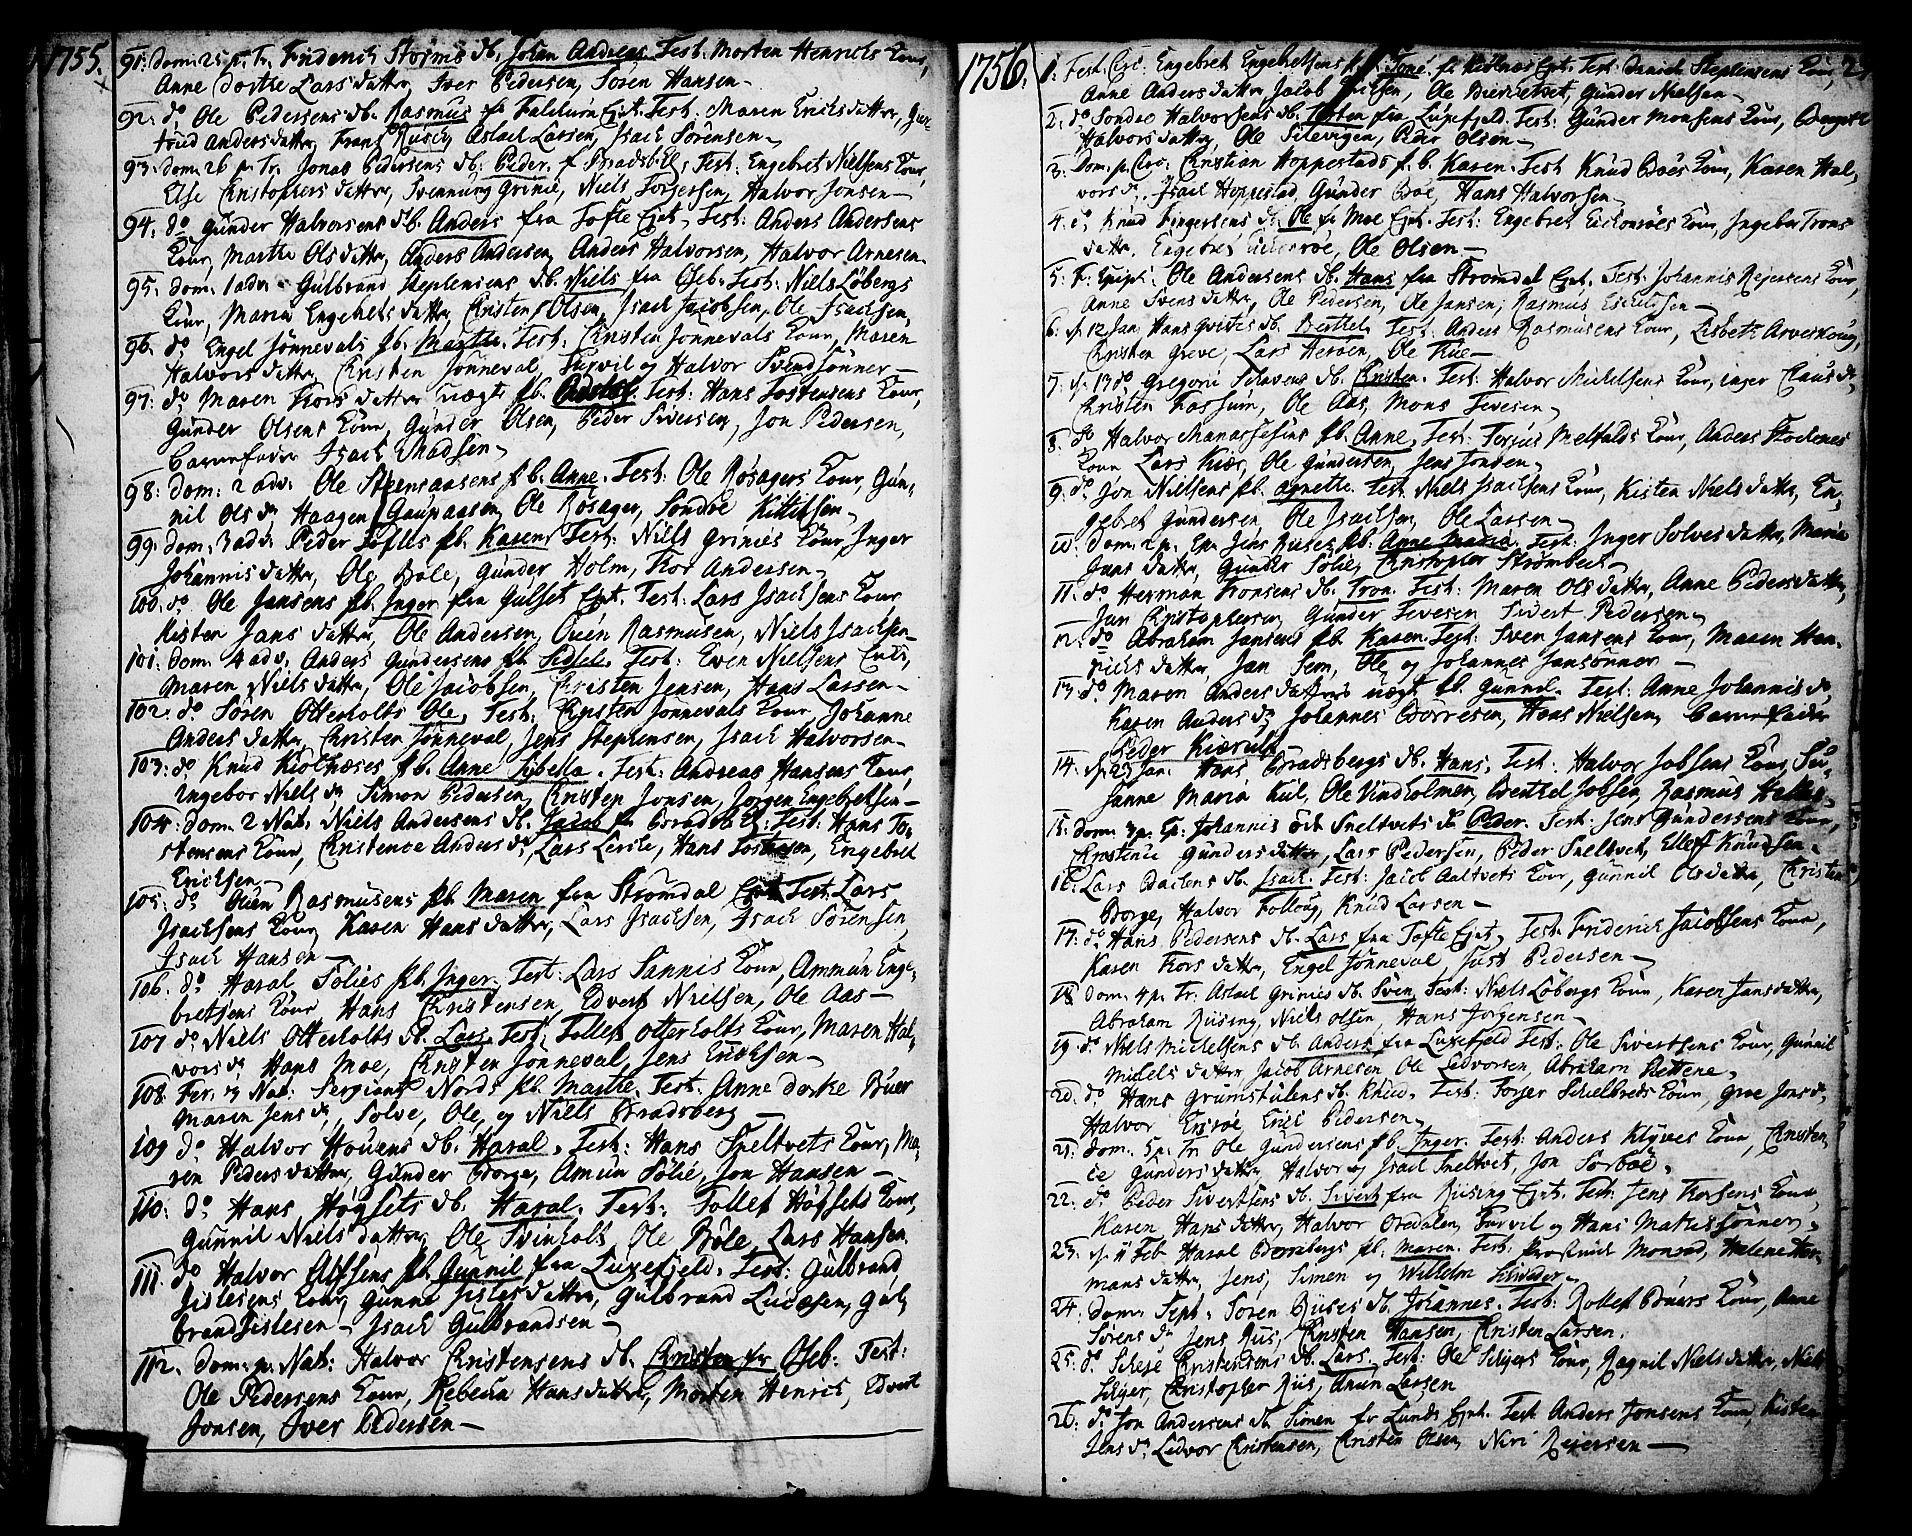 SAKO, Gjerpen kirkebøker, F/Fa/L0002: Ministerialbok nr. 2, 1747-1795, s. 23